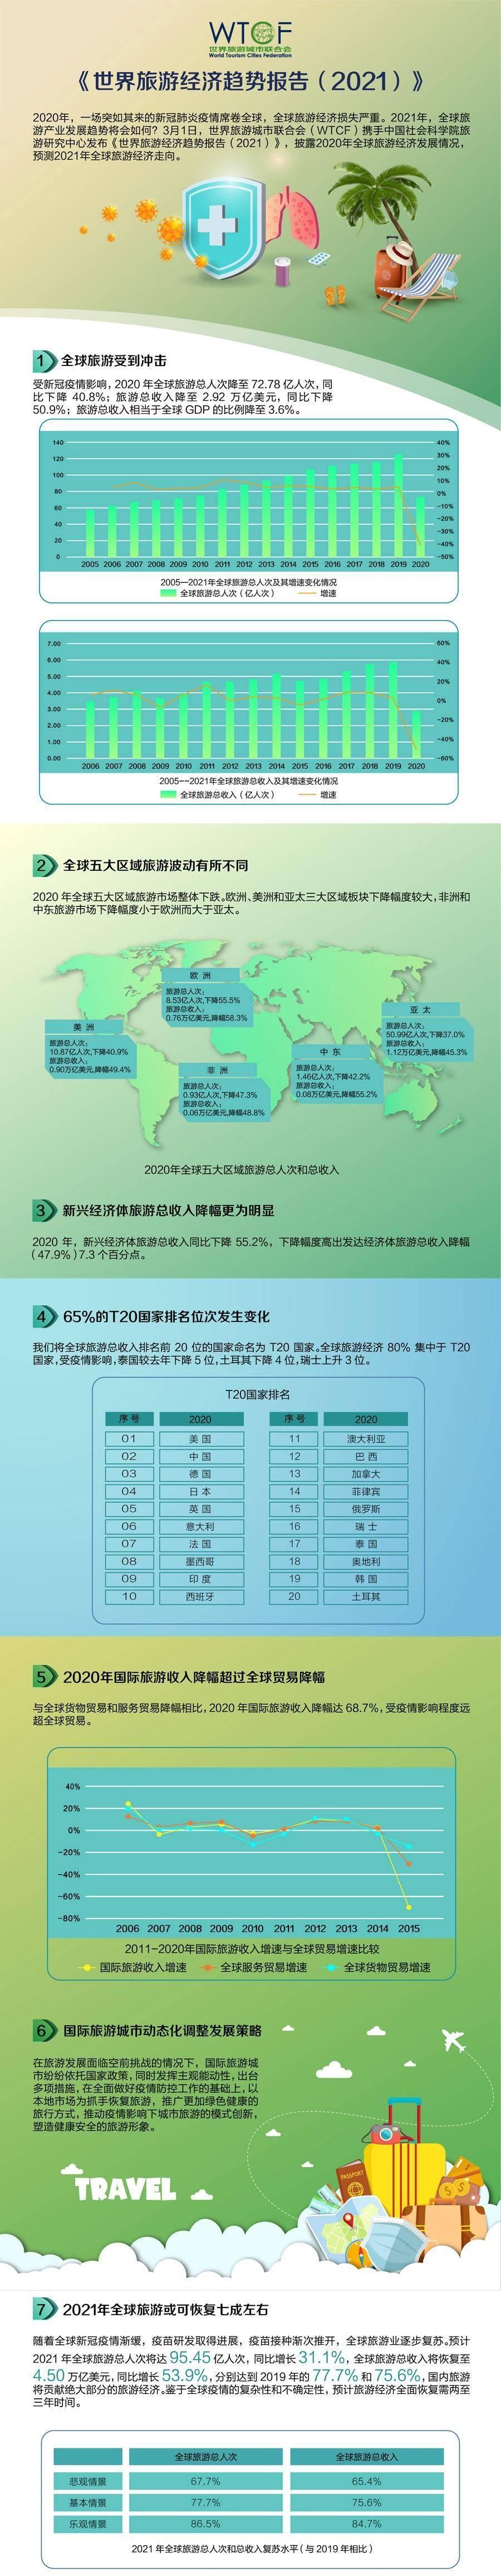 世界旅游经济趋势报告:全球旅游2021年或恢复7成